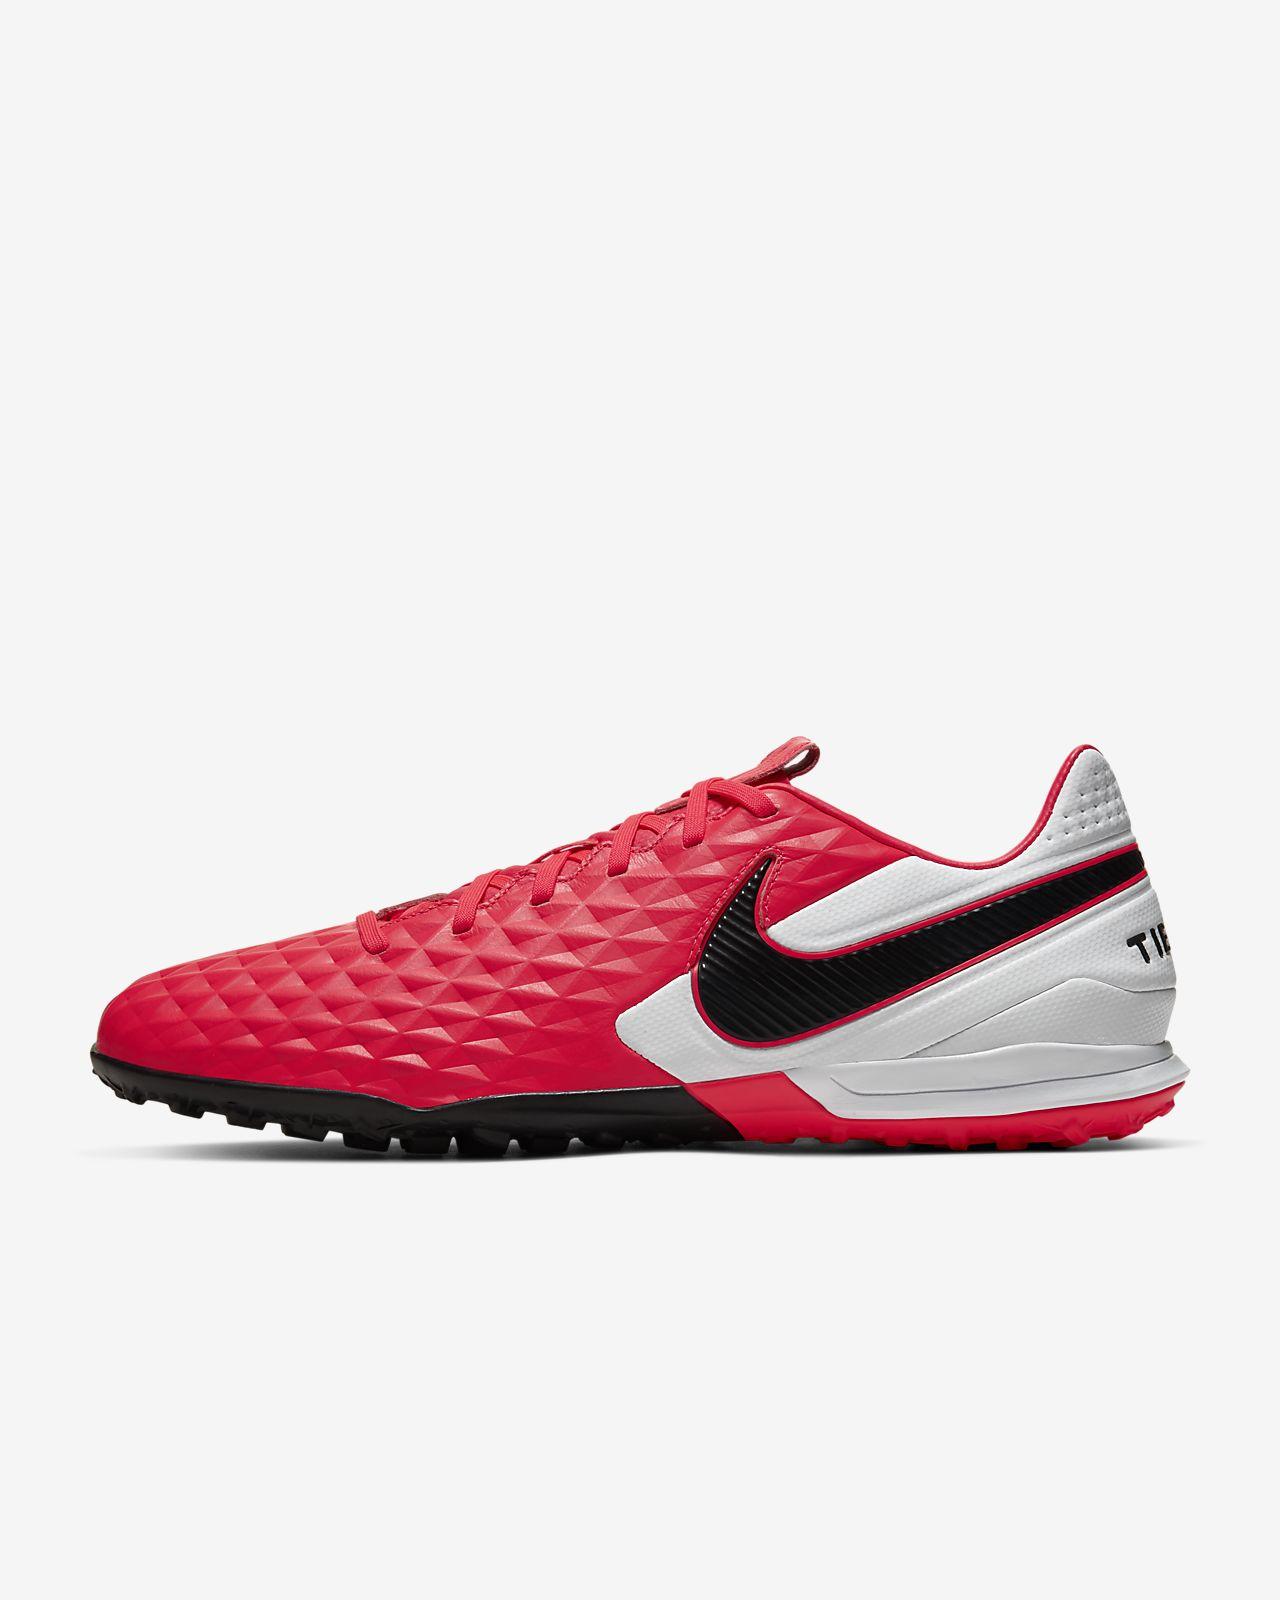 Chuteiras de futebol para relva artificial Nike Tiempo Legend 8 Pro TF